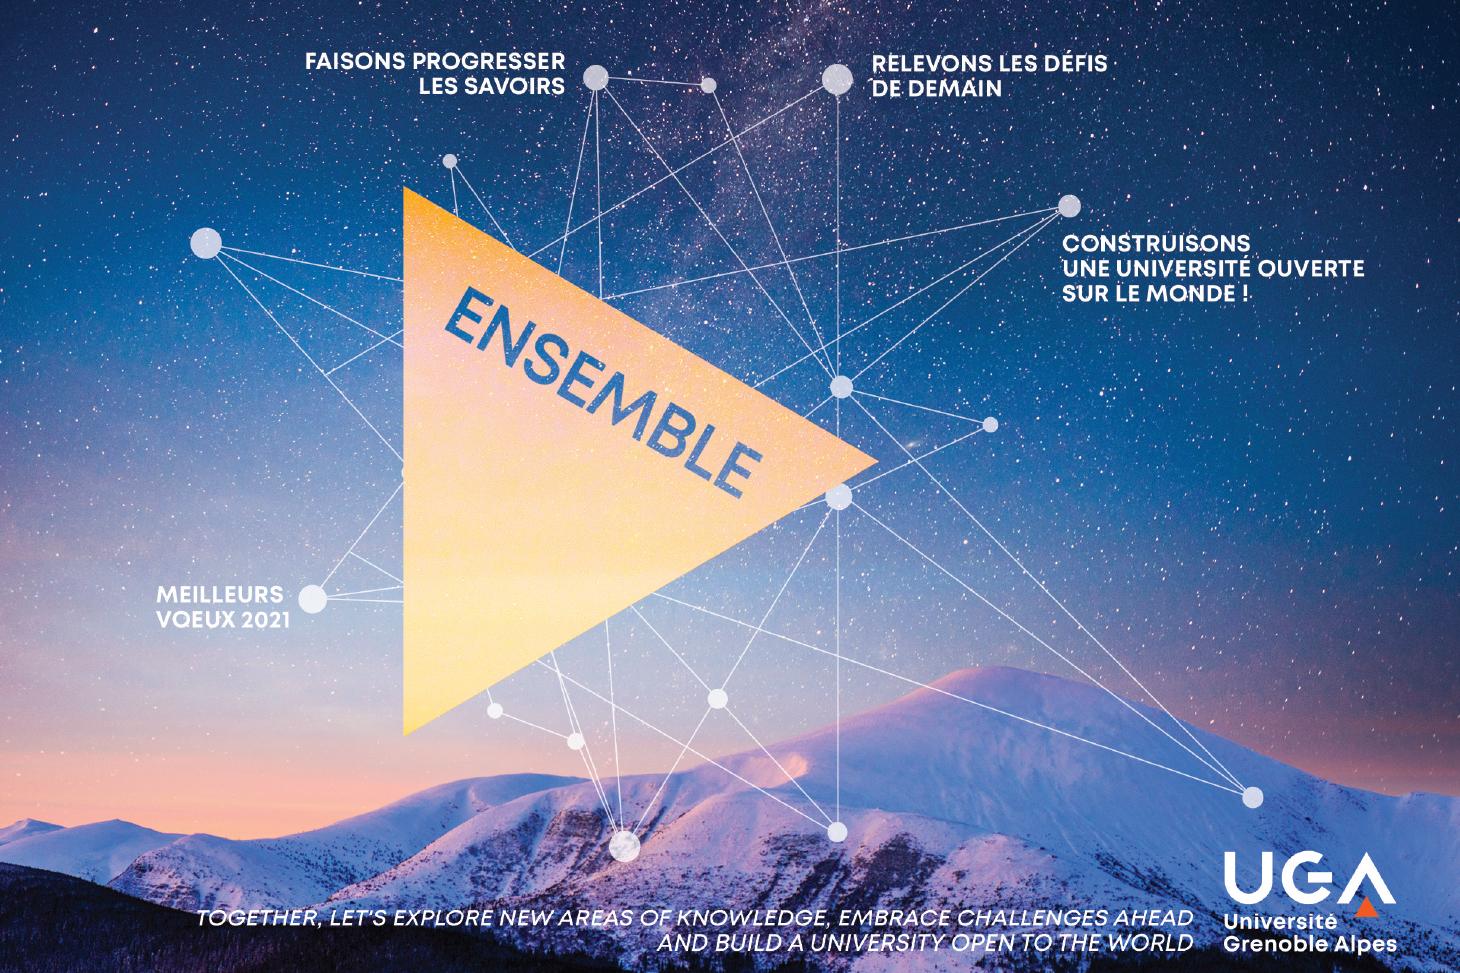 Carte de voeux 2021 de l'Université Grenoble Alpes